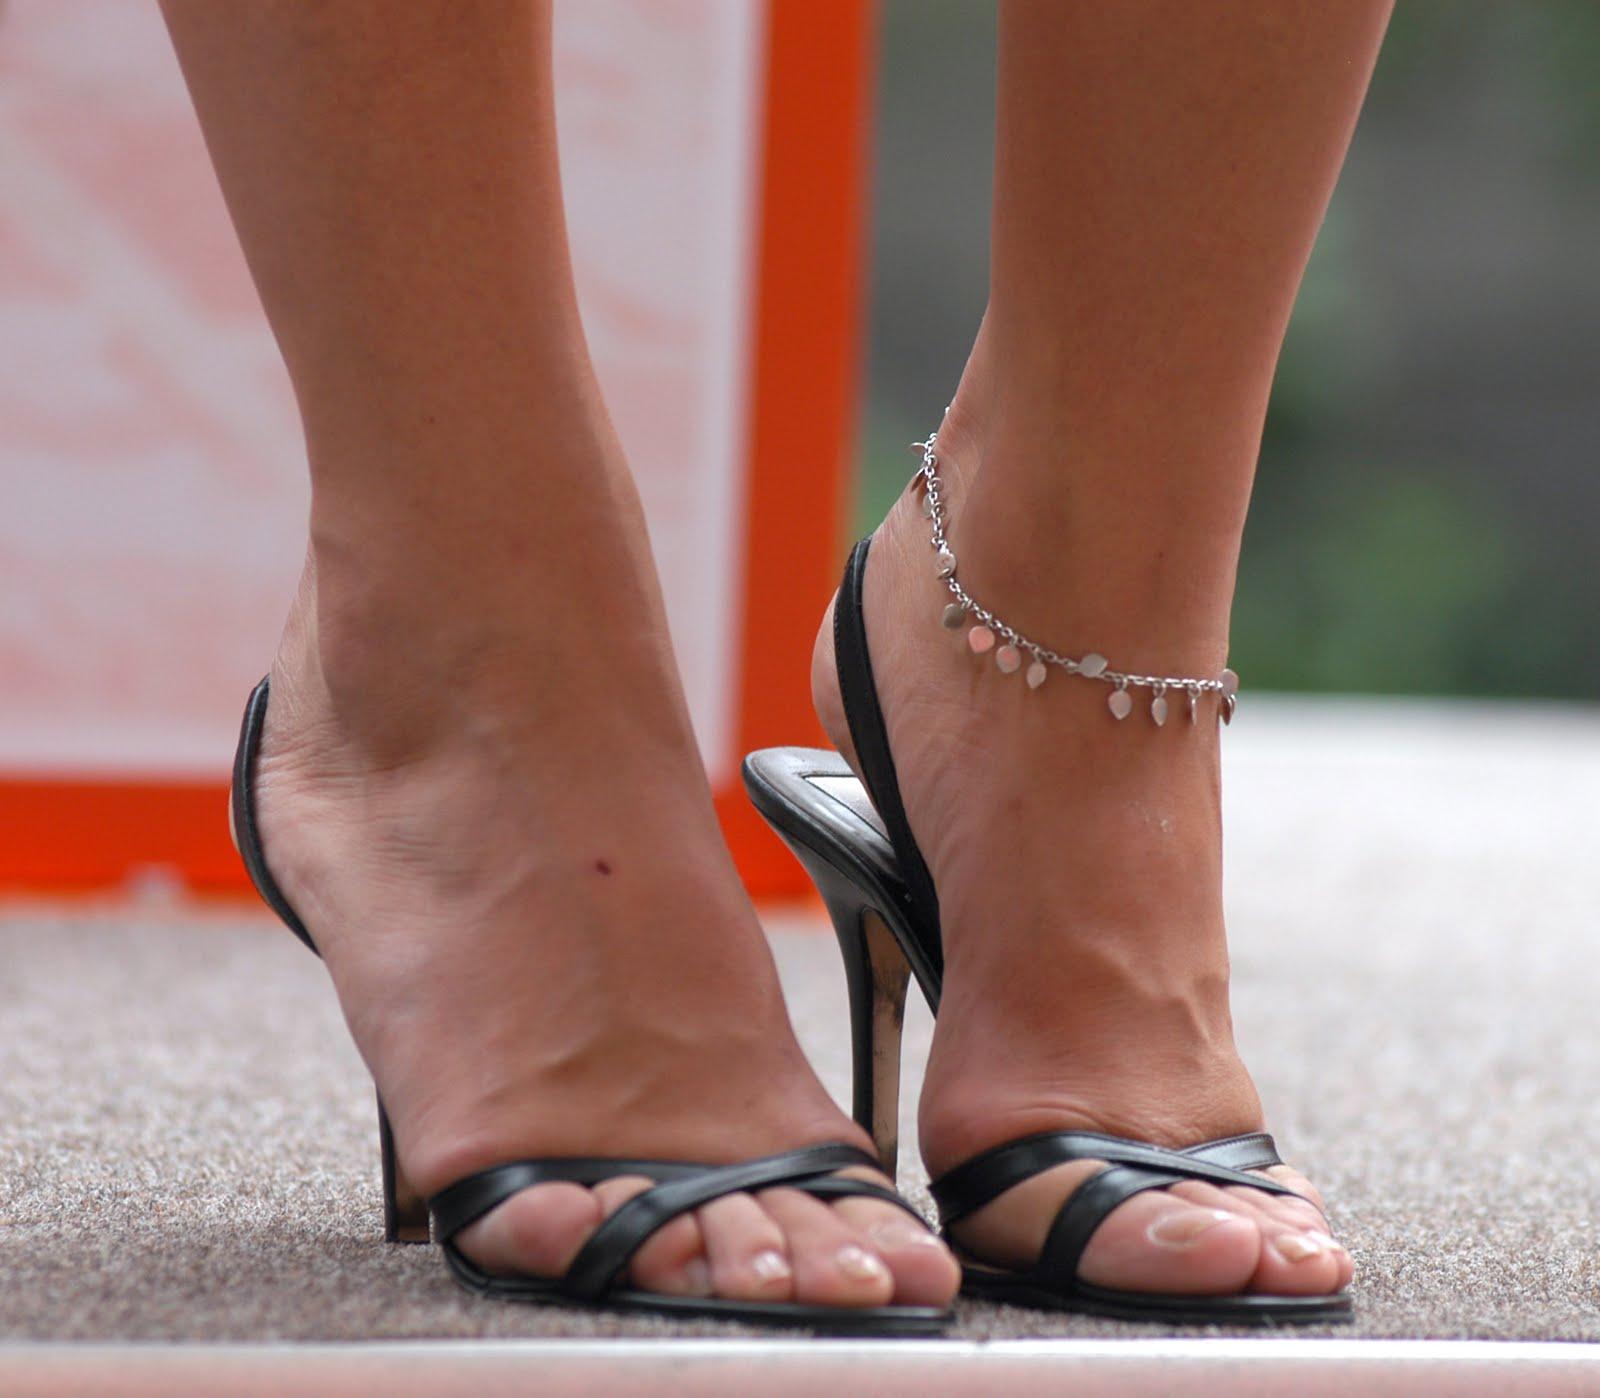 Feet Molly Sims nude photos 2019